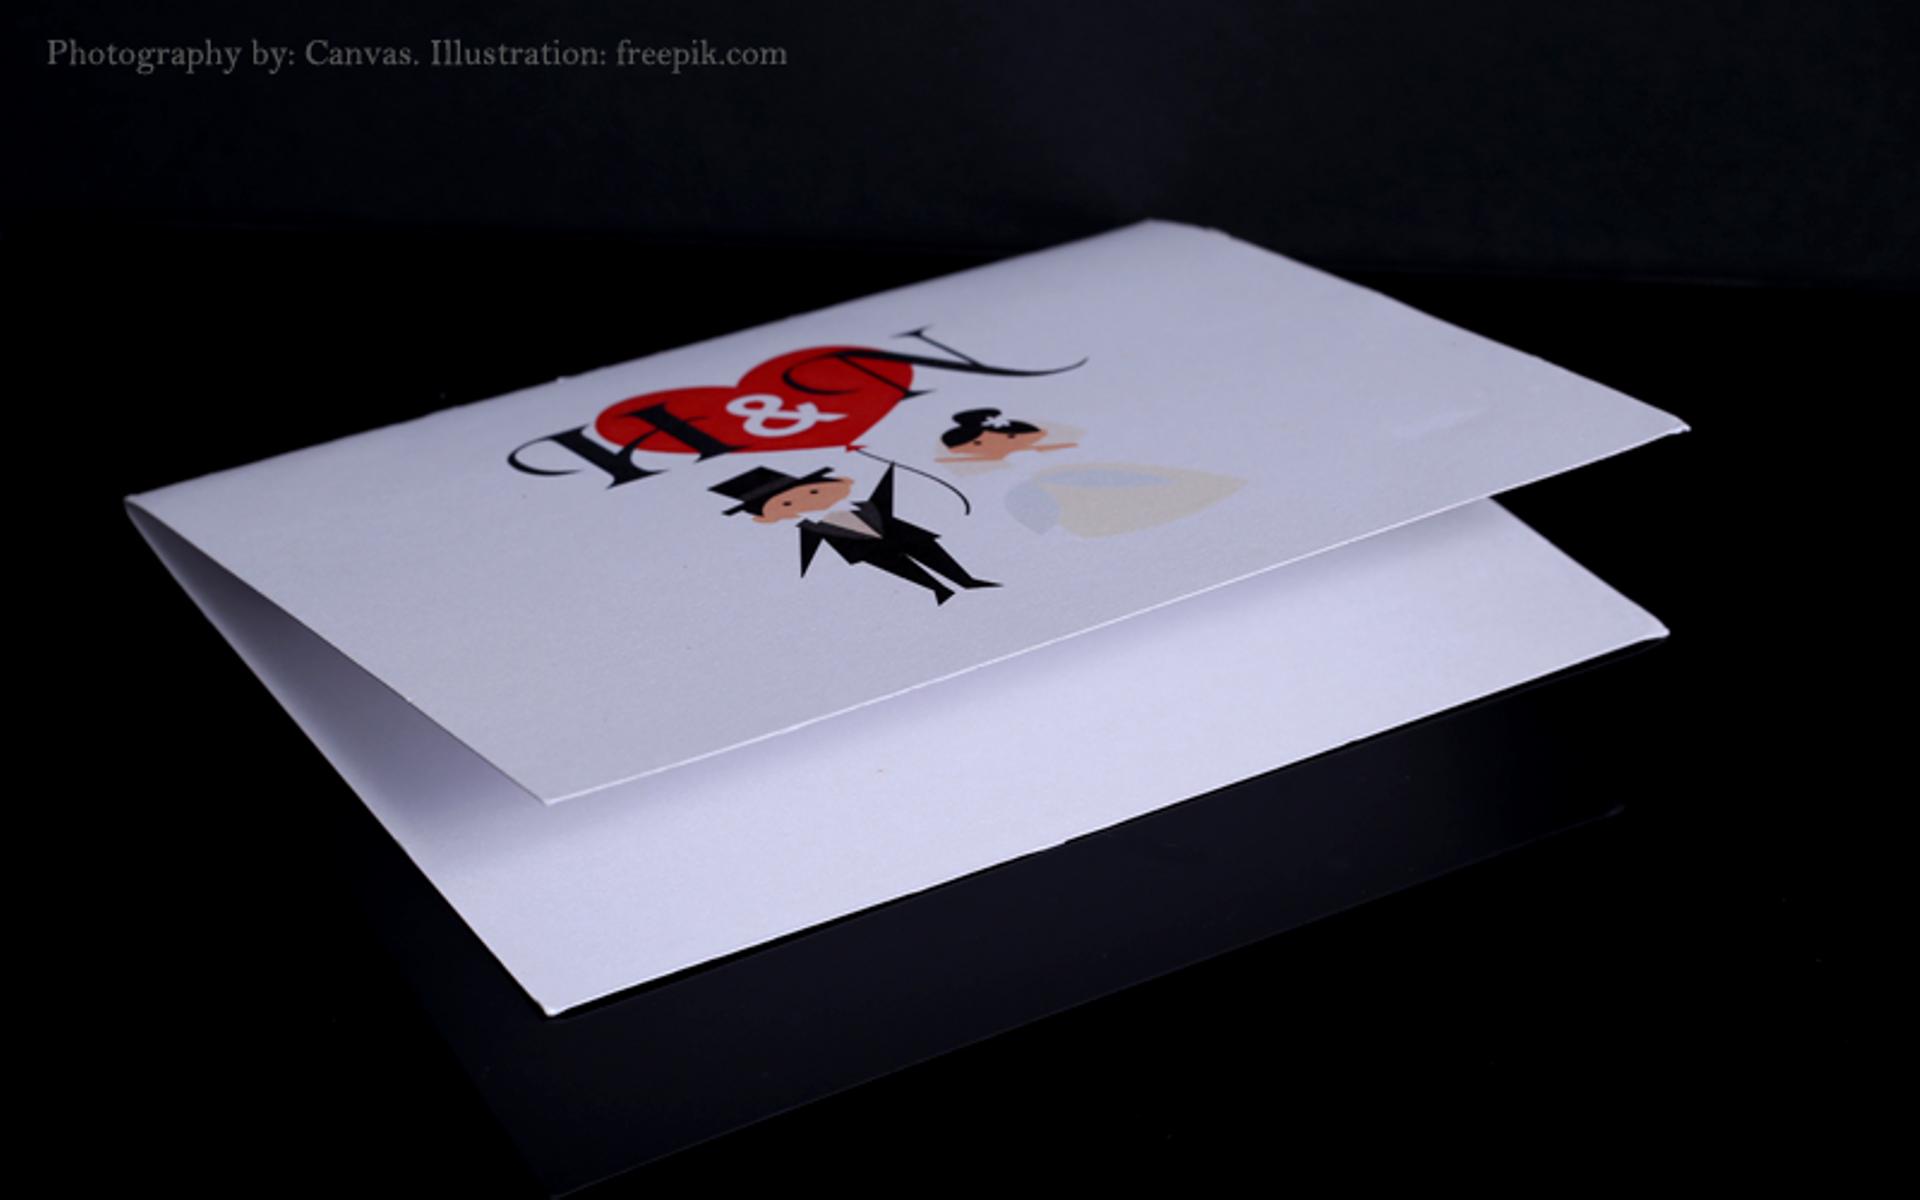 """=הזמנות לאירועים הדפסה צבעונית דו""""צ, נייר פנינה לבן/כסוף עם קיפול."""